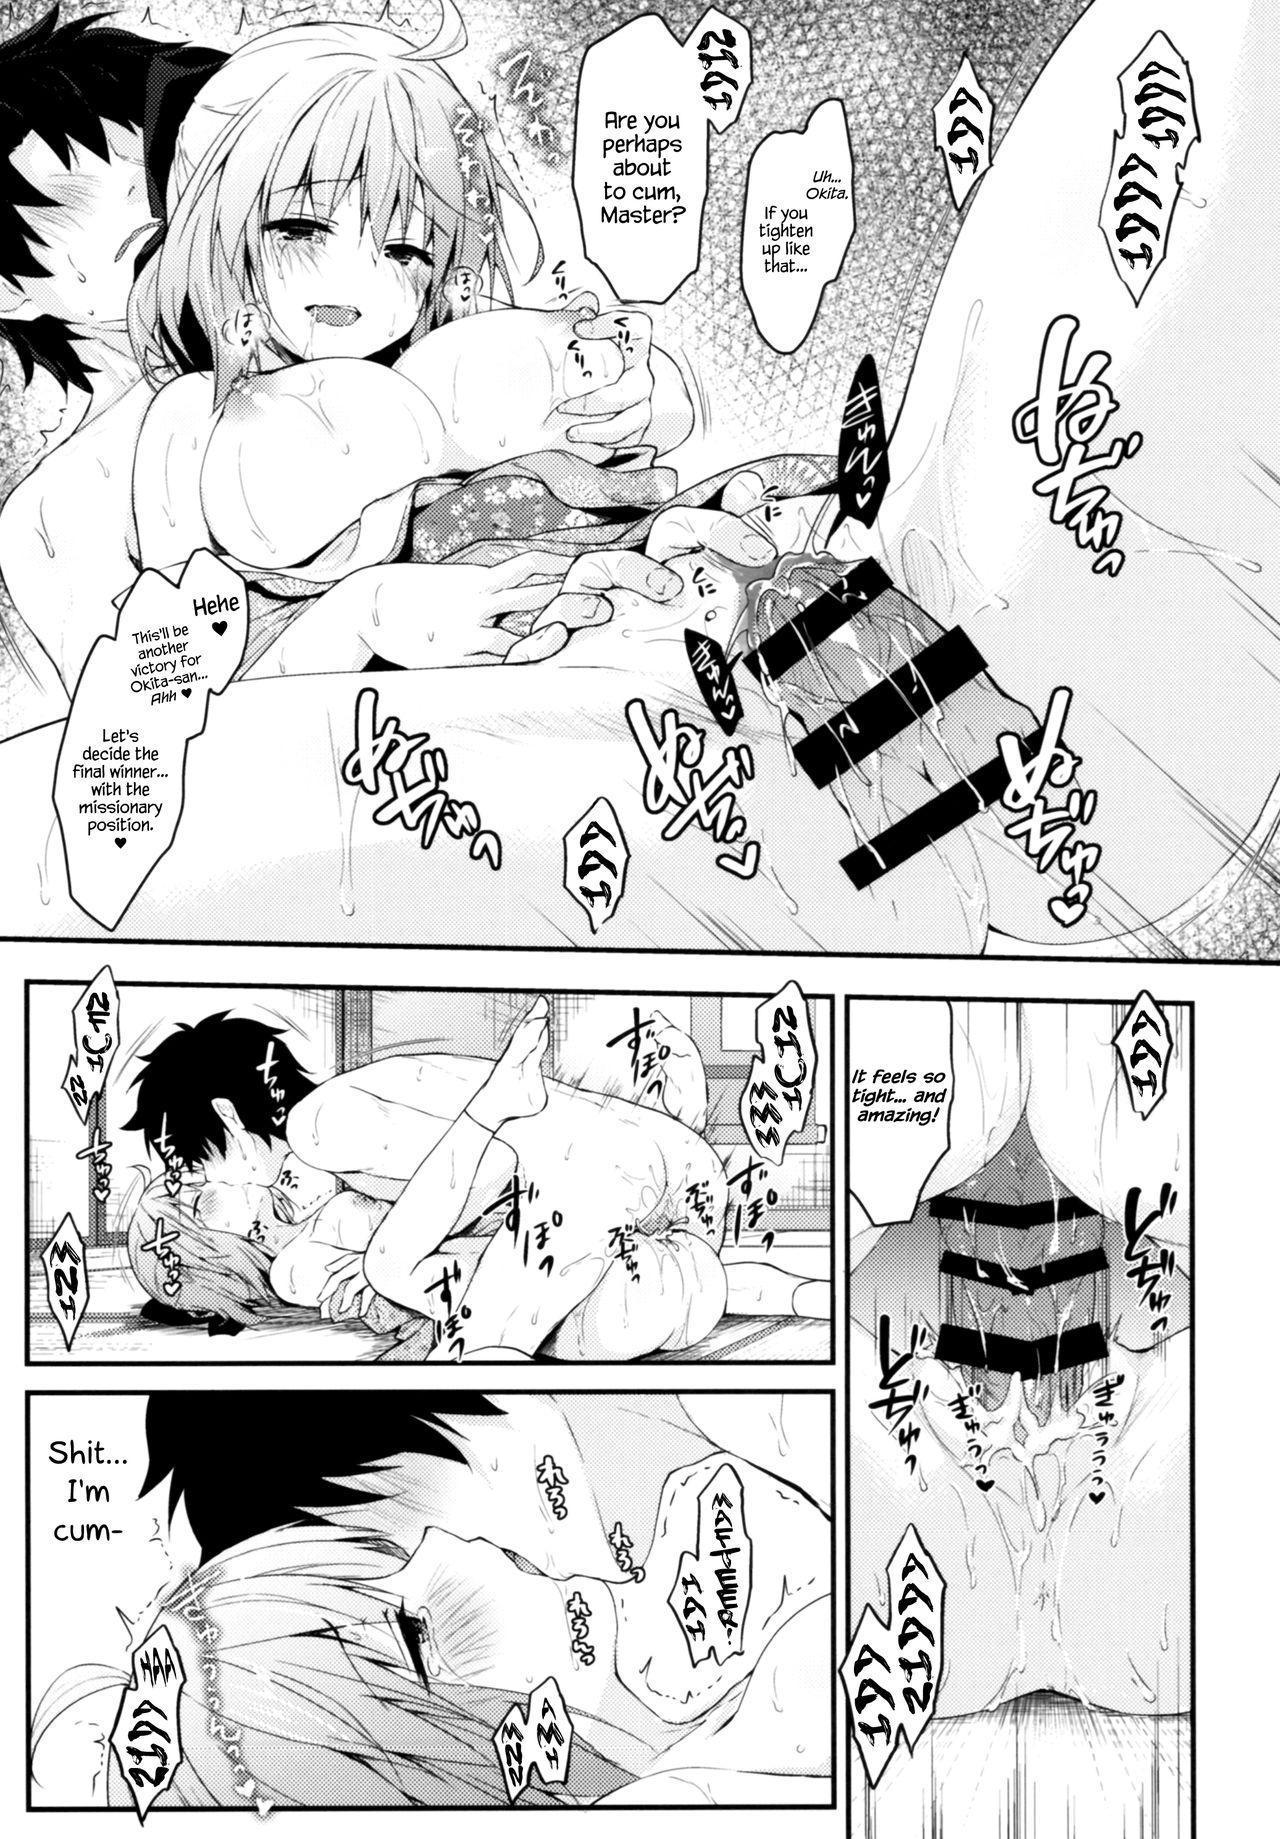 Okita-san Shitataru 4 Toshikoshi Horoyoi Sex 13